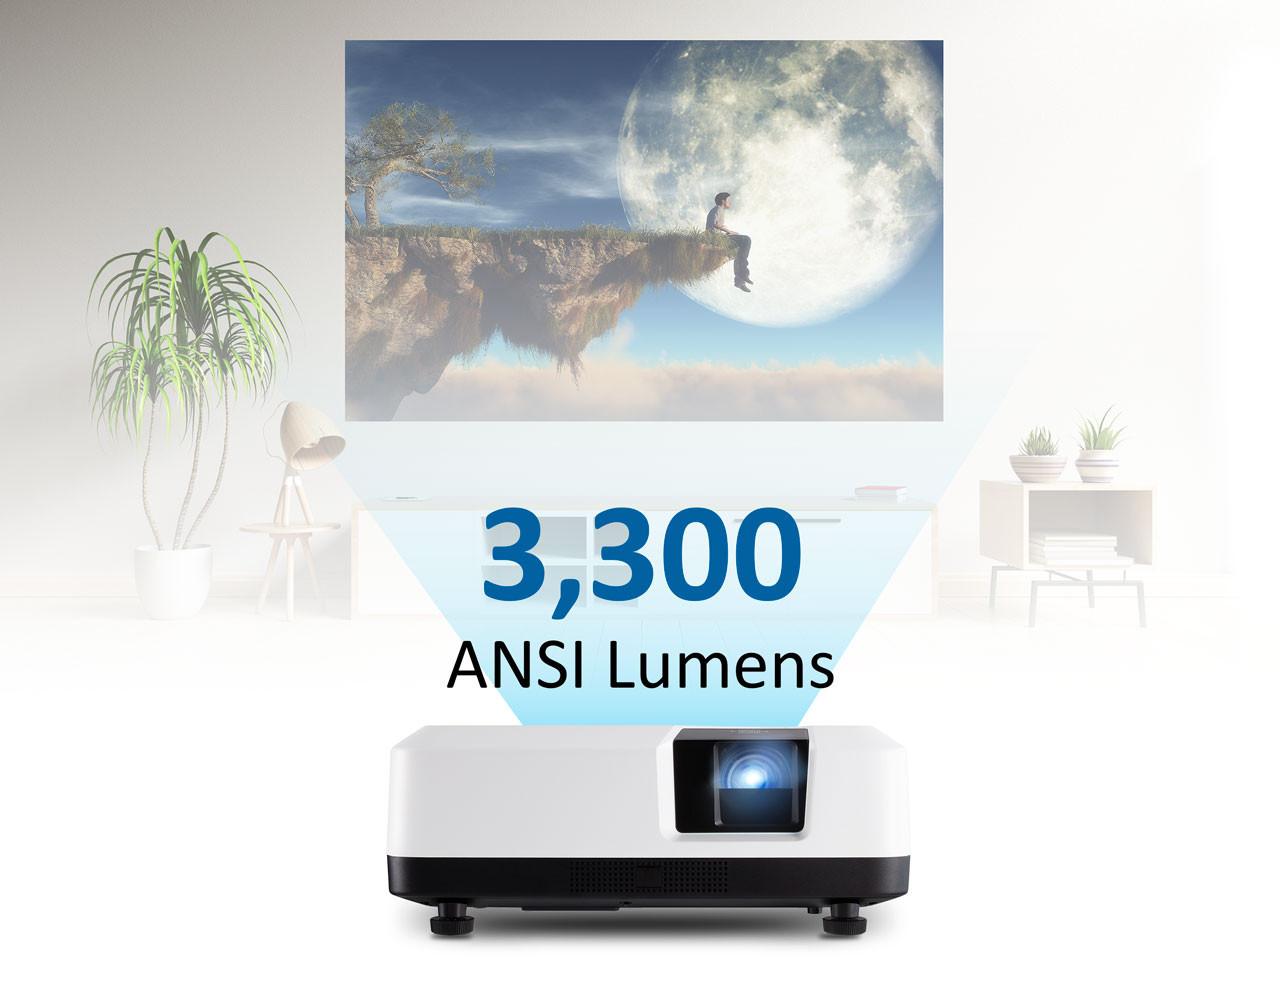 viewsonic ls700-4k